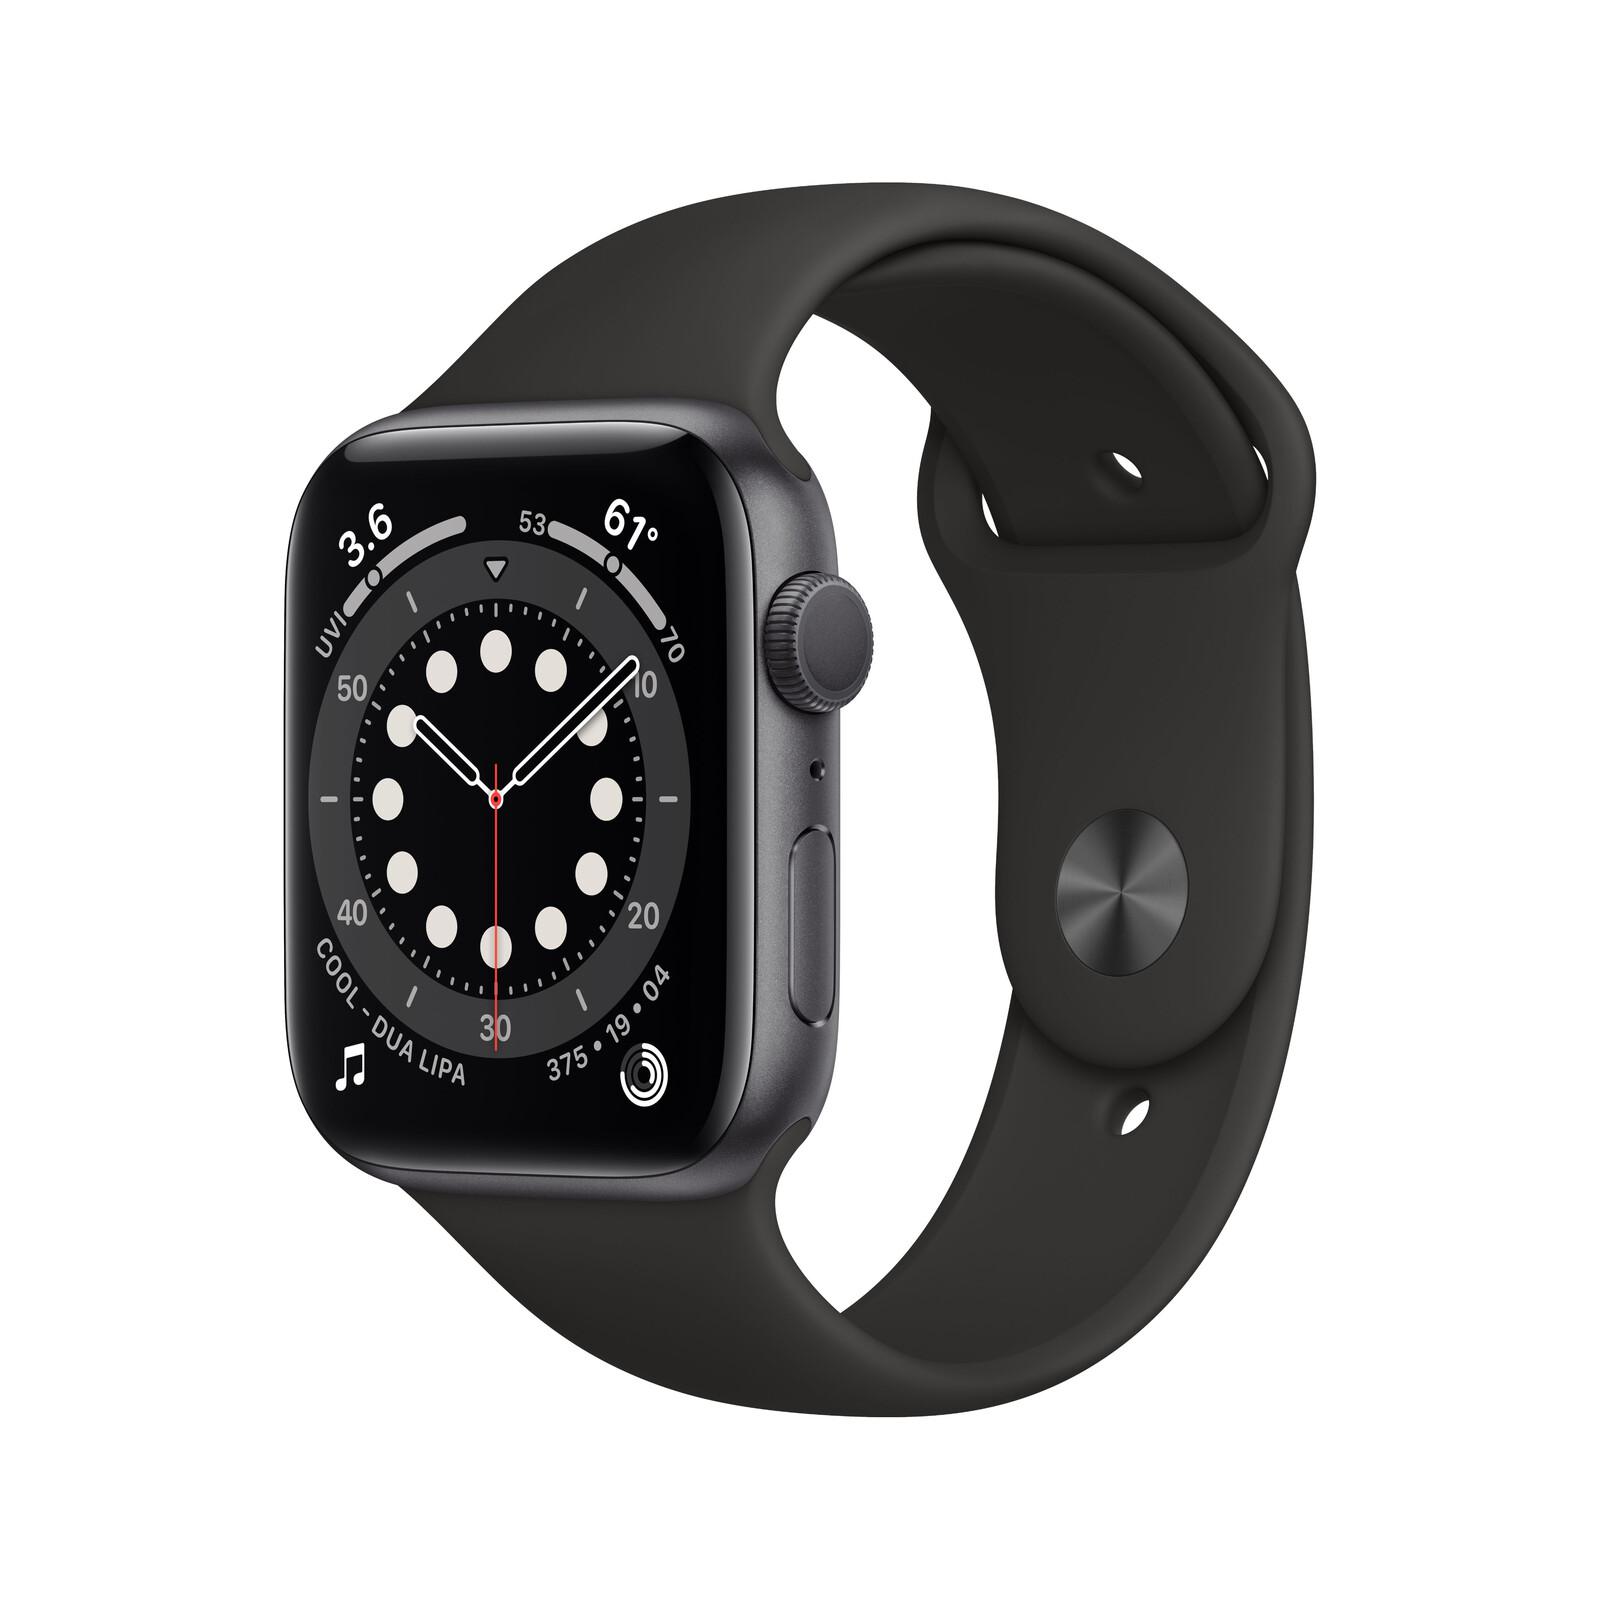 Apple Watch Series 6 GPS Alu space grau 40mm schwarz